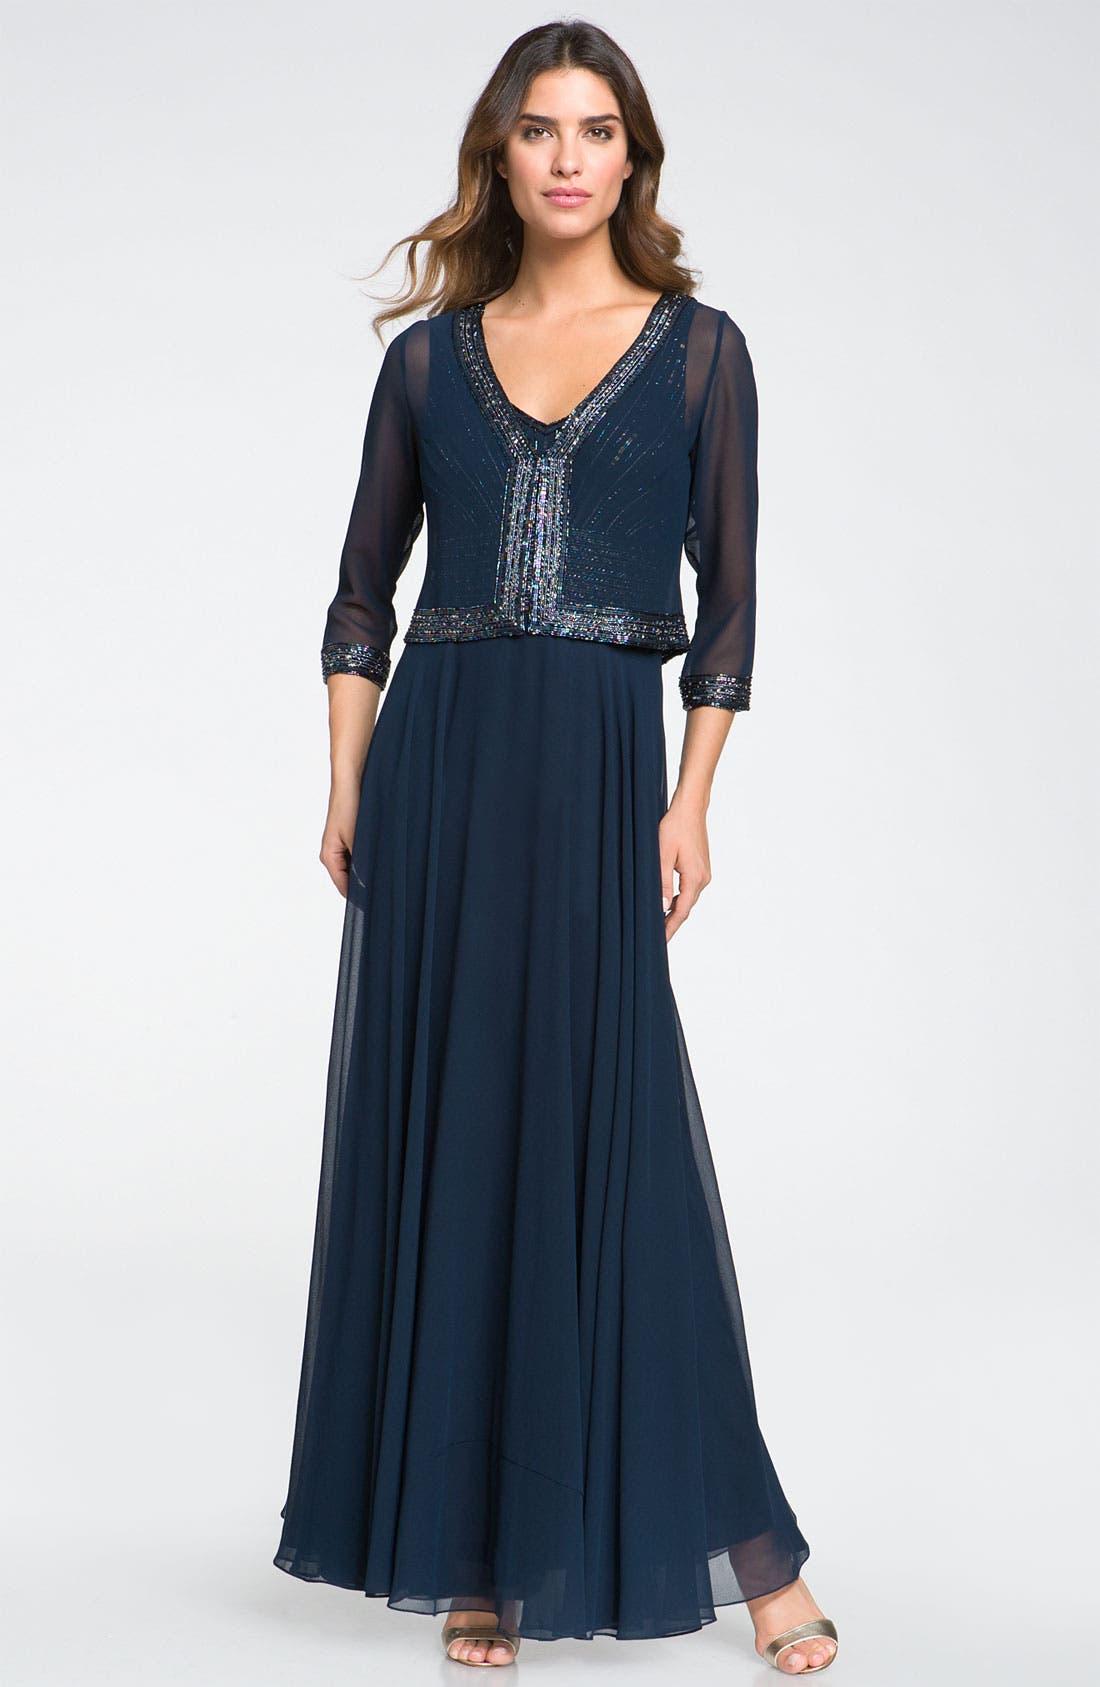 Alternate Image 1 Selected - J Kara Embellished Dress & Jacket